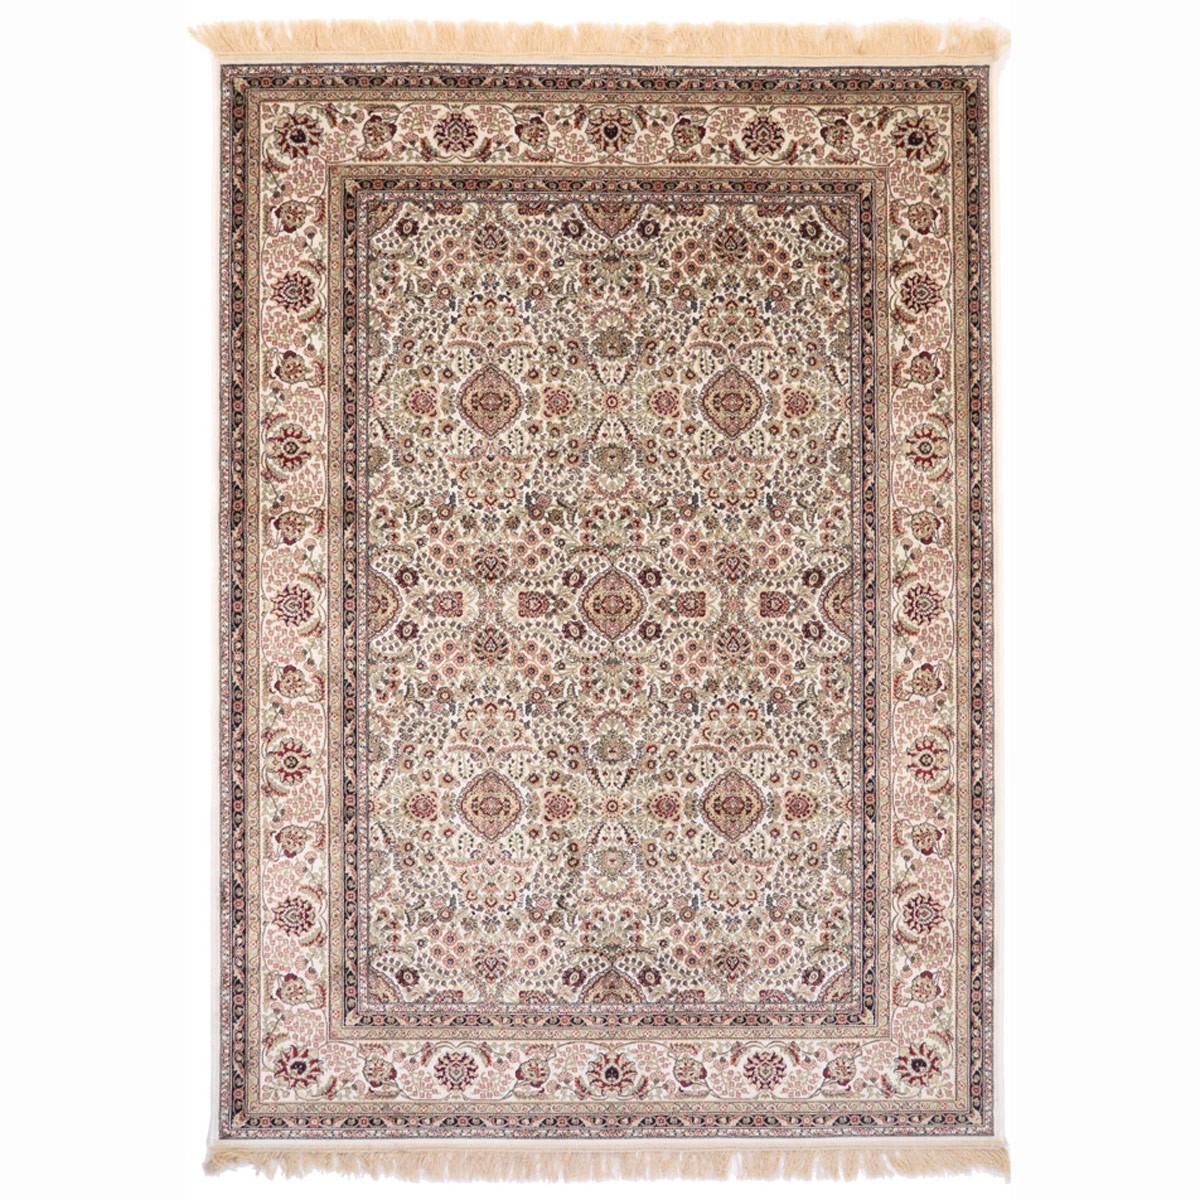 Χαλιά Κρεβατοκάμαρας (Σετ 3τμχ) Royal Carpets Rubine 476 Ivory